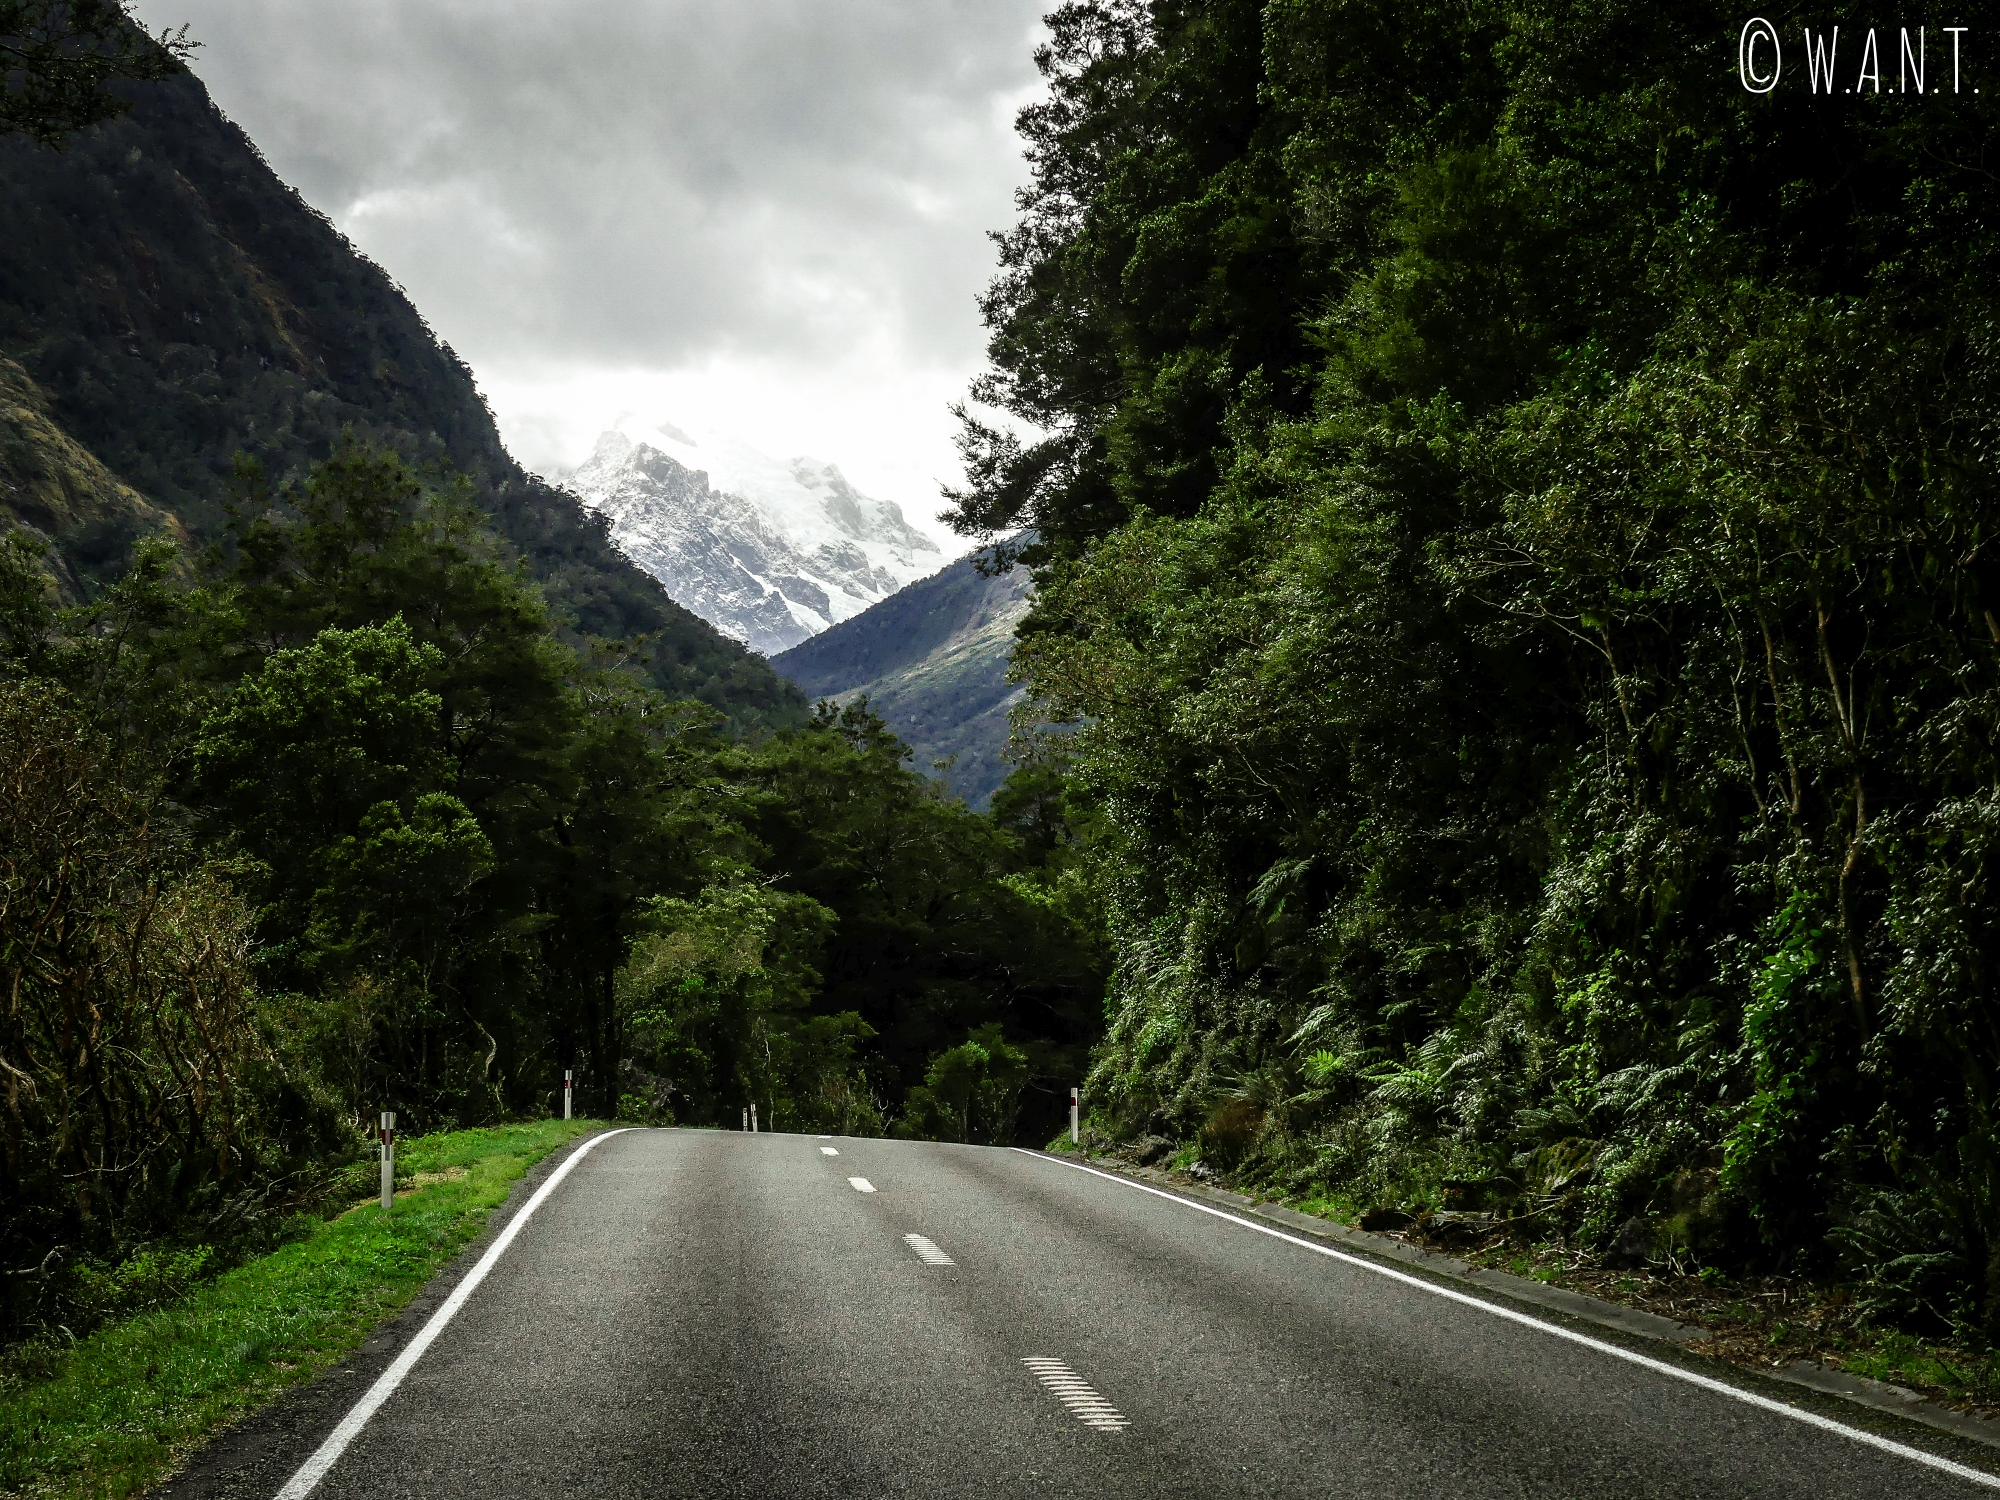 Nous reprenons la route pour quitter le Fiordland National Park en Nouvelle-Zélande